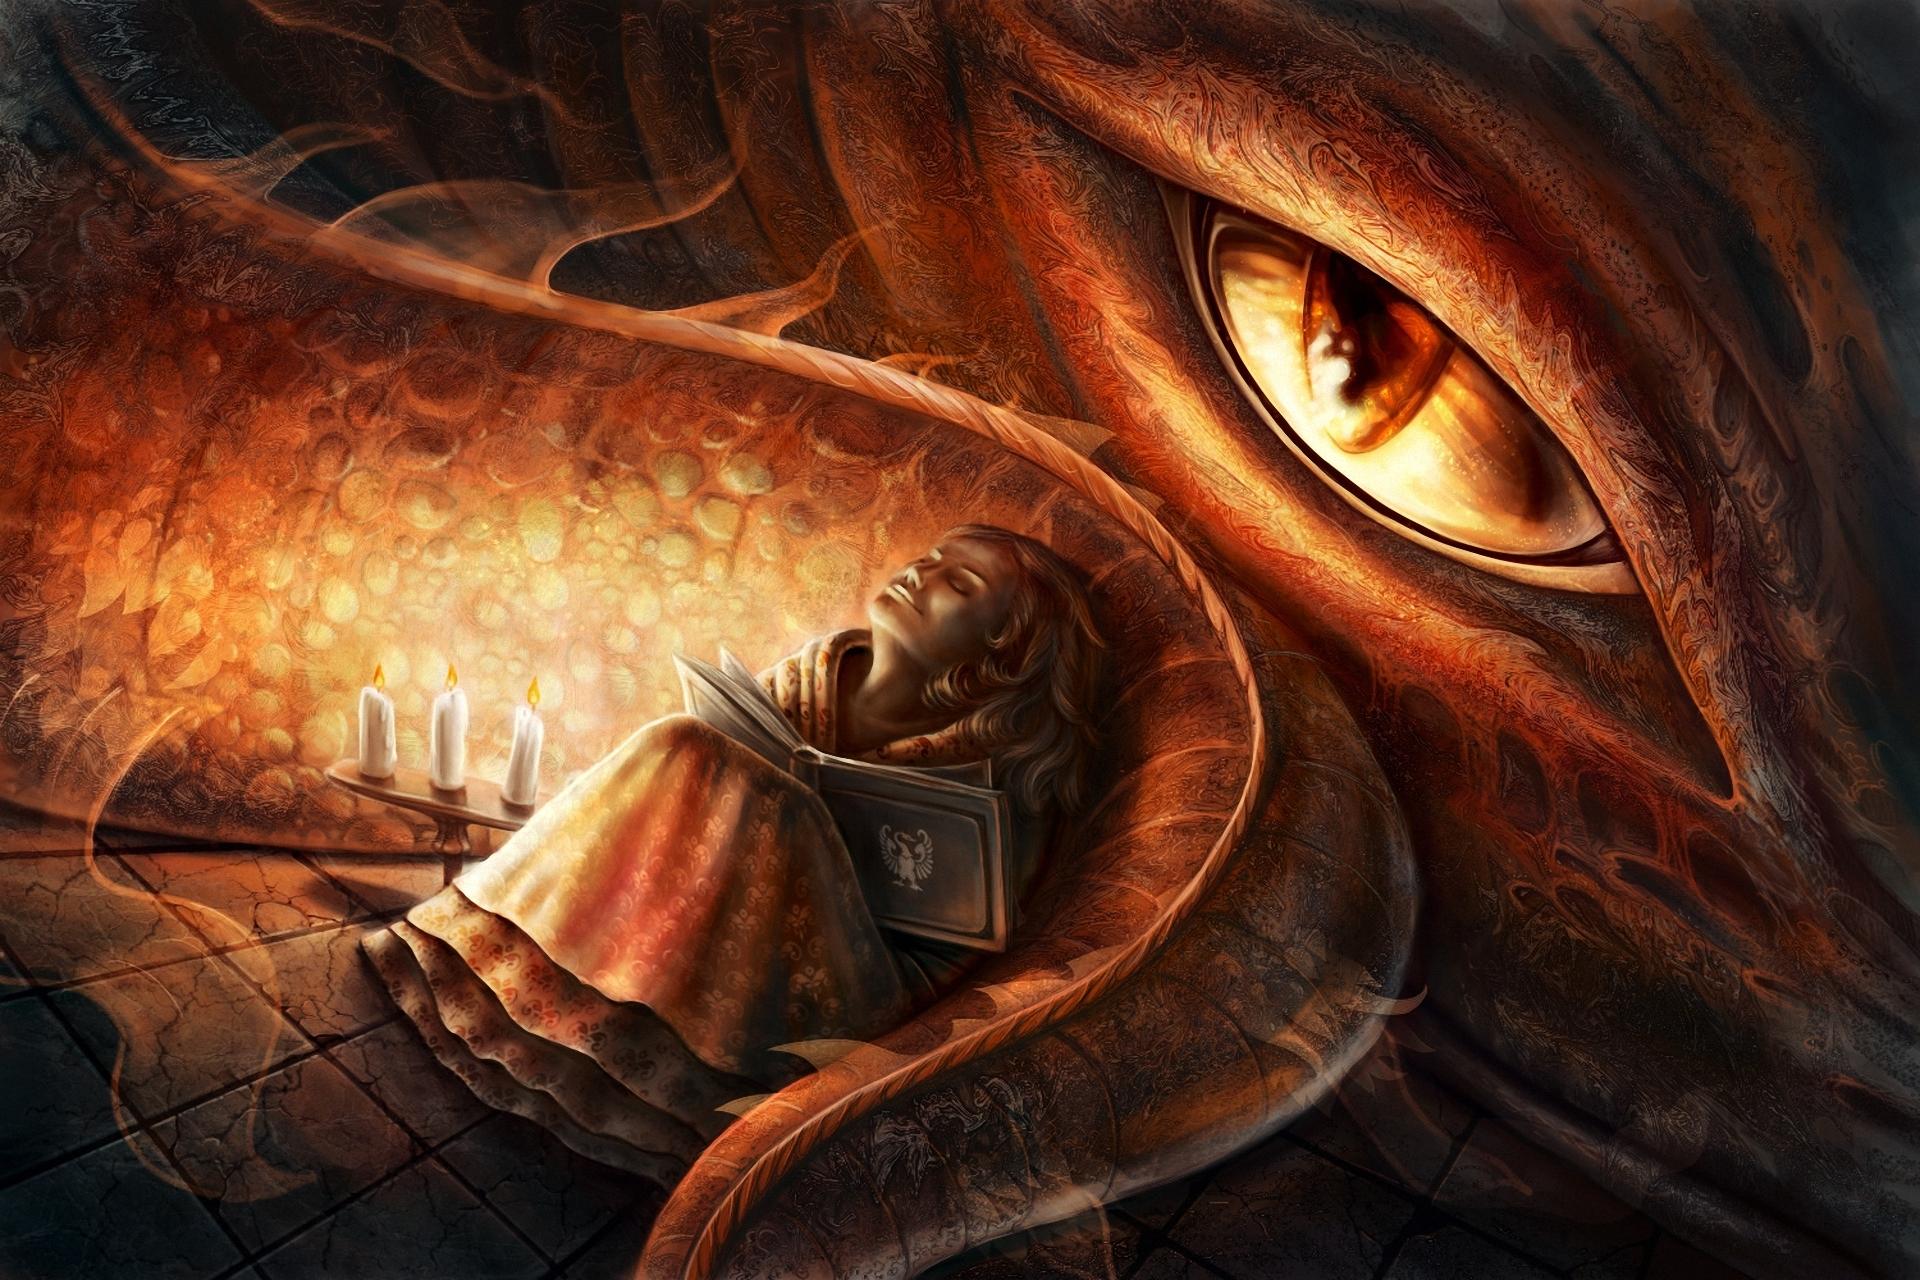 Fantasy girl and dragon eye